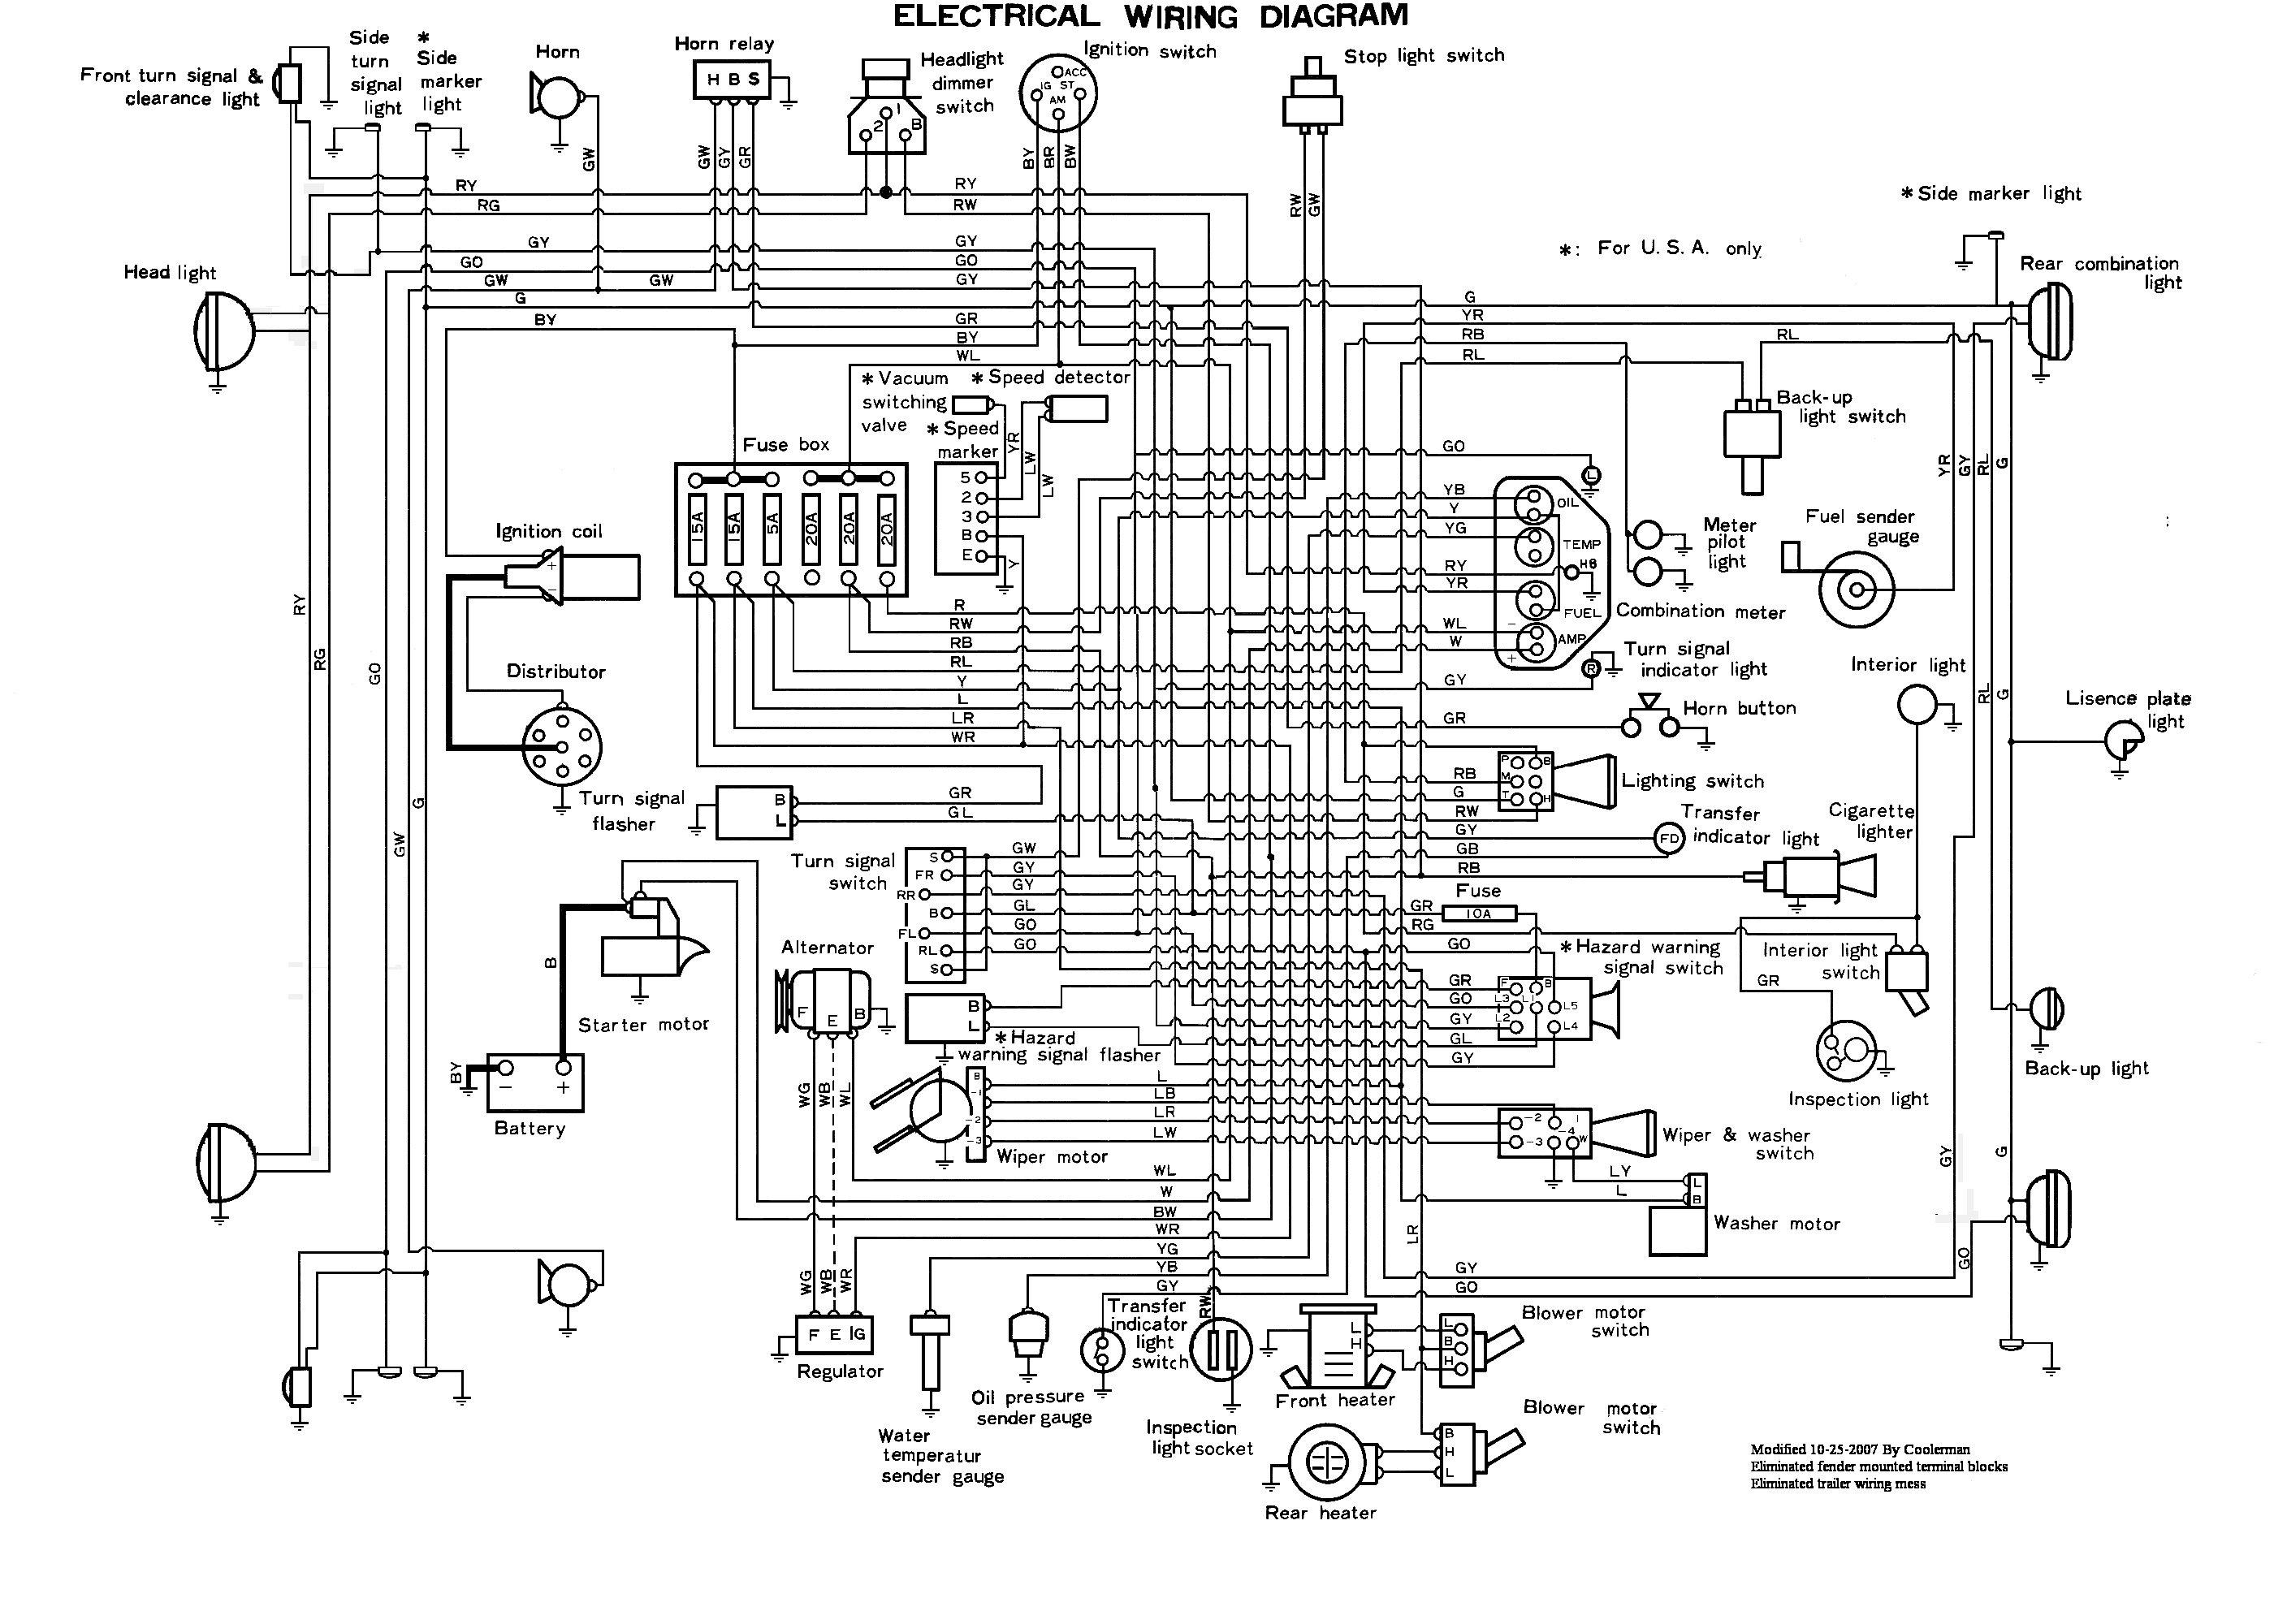 766 Ih Wiring Diagram Worksheet And For 666 Tractor Trusted Diagrams Rh Kroud Co 2001 International Truck Diesel